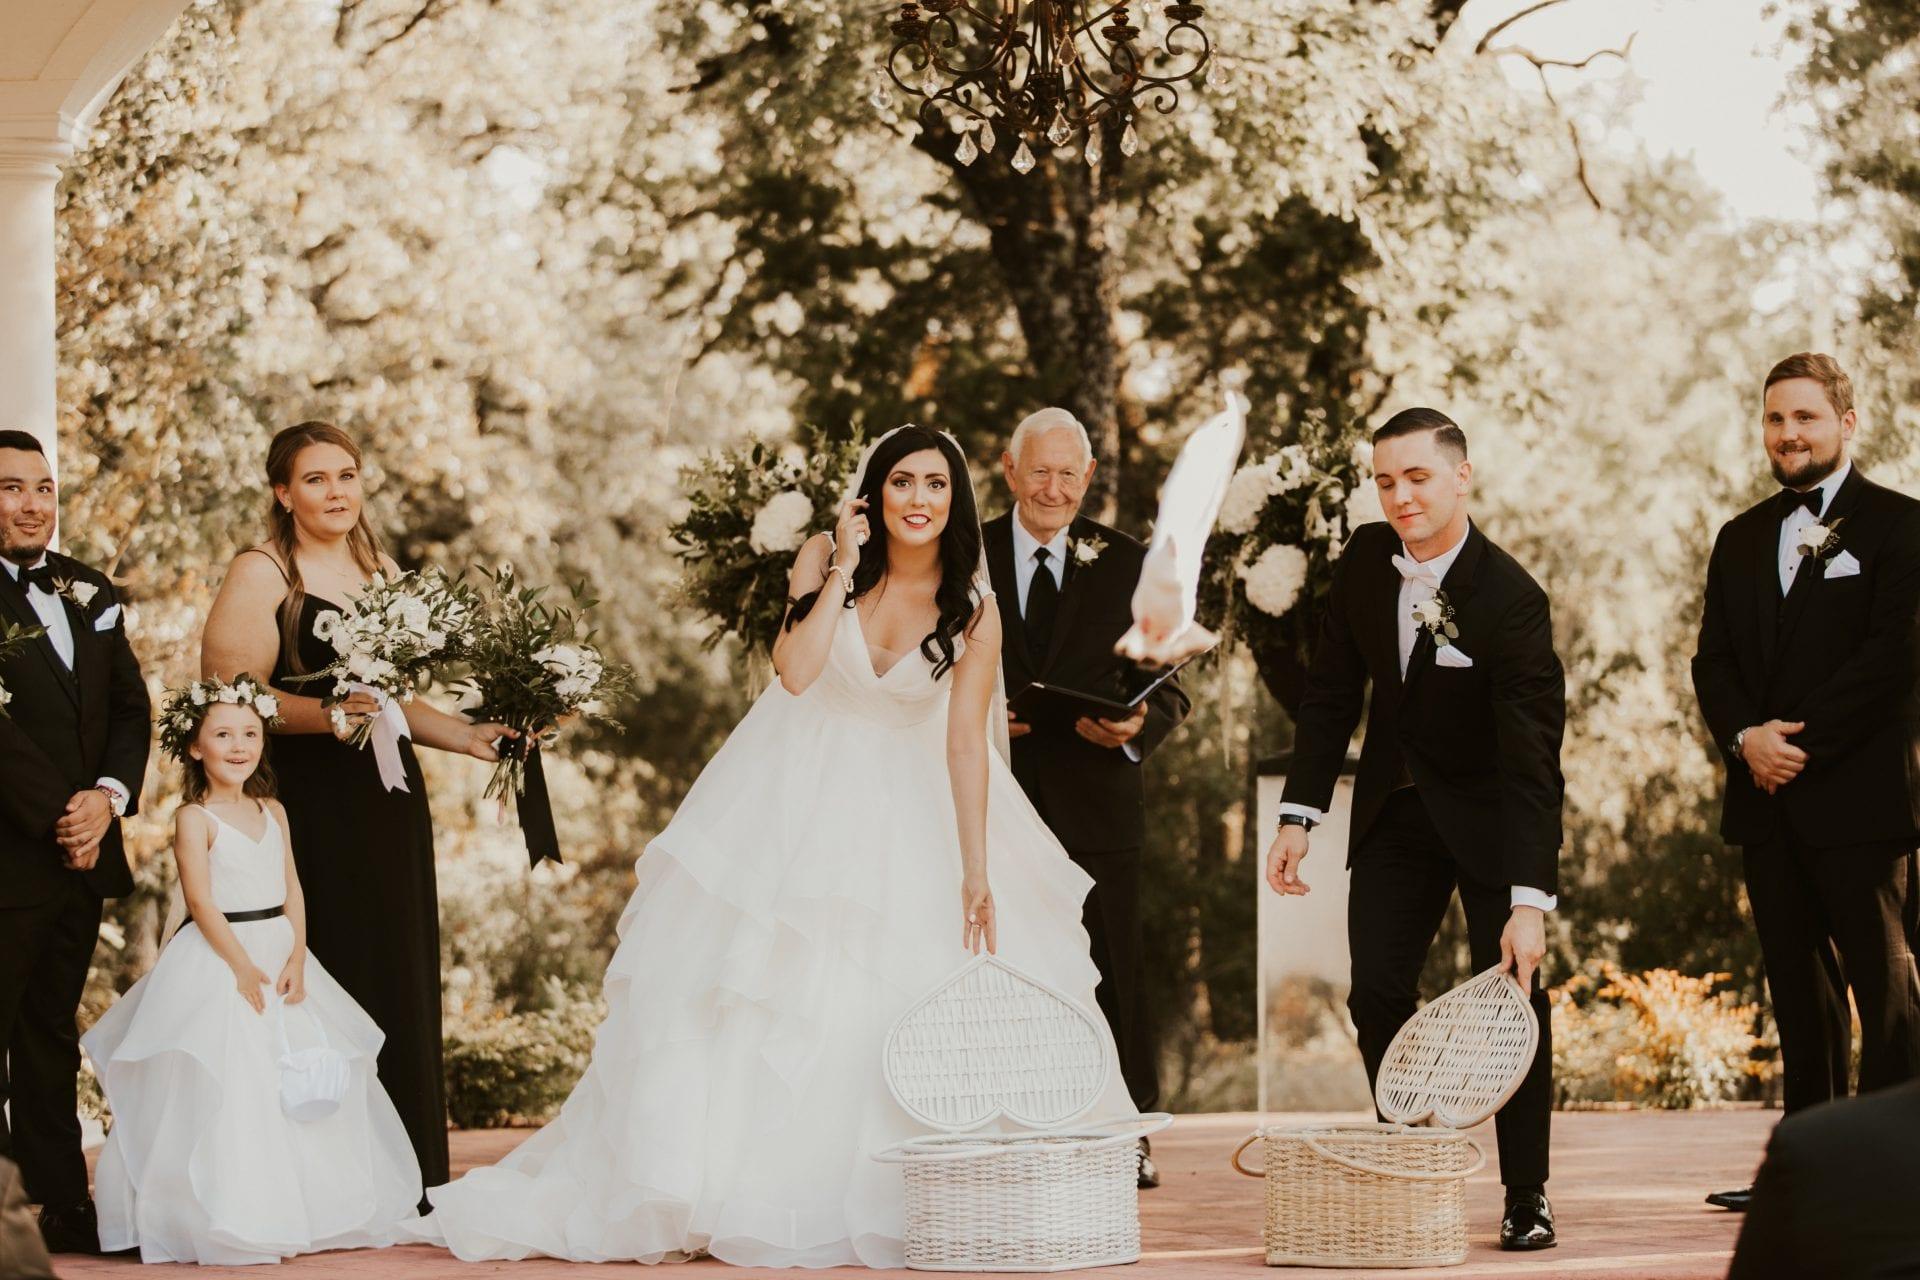 tsphoto cabell wedding 219 - Premier W.E.D.